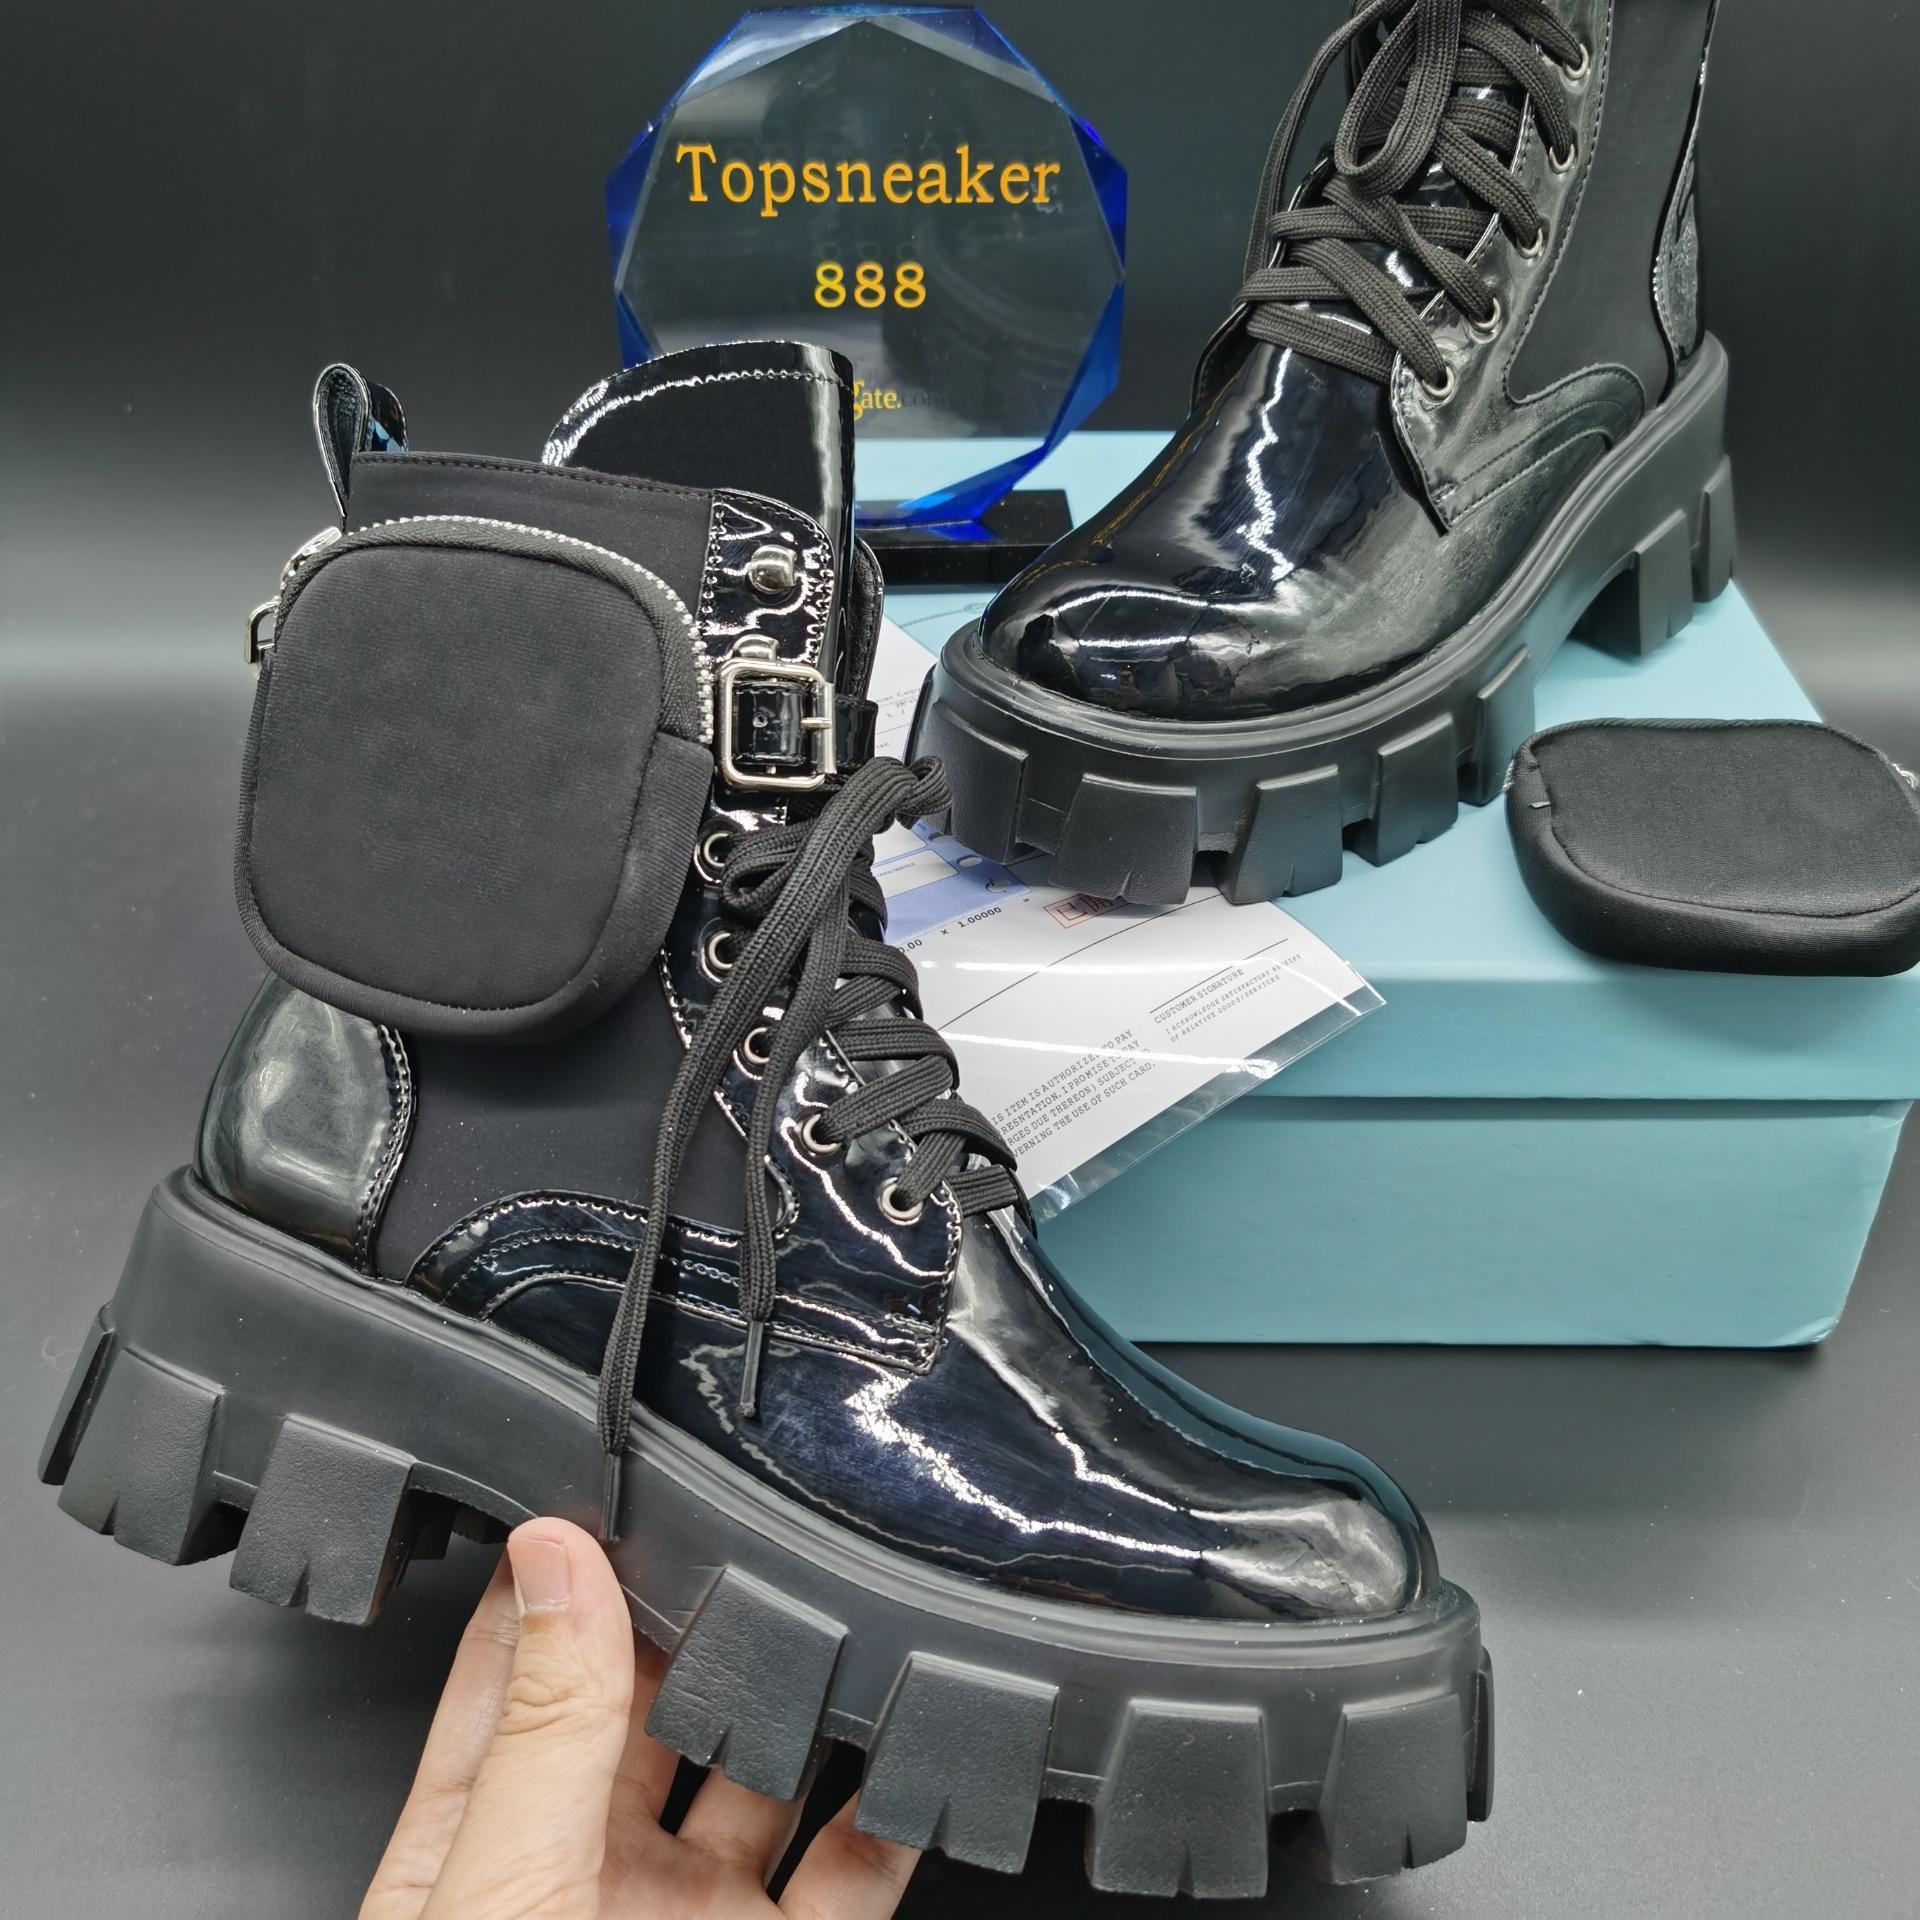 أعلى جودة العائدات العفنات النساء الأحذية الكاحل مونوليث حقائب الأحذية النسائية الأسود جلد حقيقي النايلون كوني المرفقة الشتاء أحذية الحجم US4-10